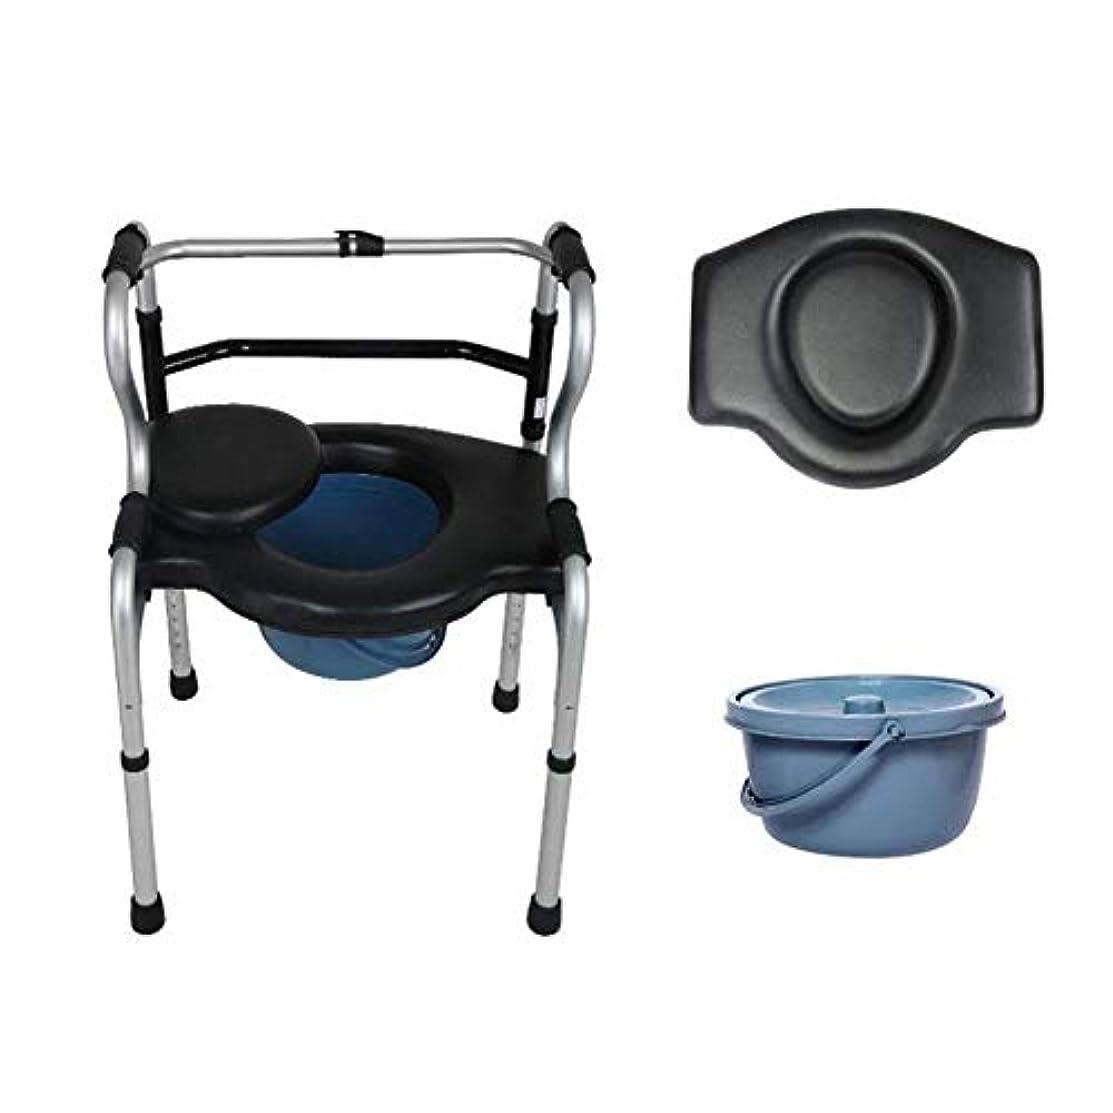 マナー出会い硫黄便器移動式椅子、シャワーの移動椅子の浴室の洗面所の腰掛けのためのFoldable移動式椅子